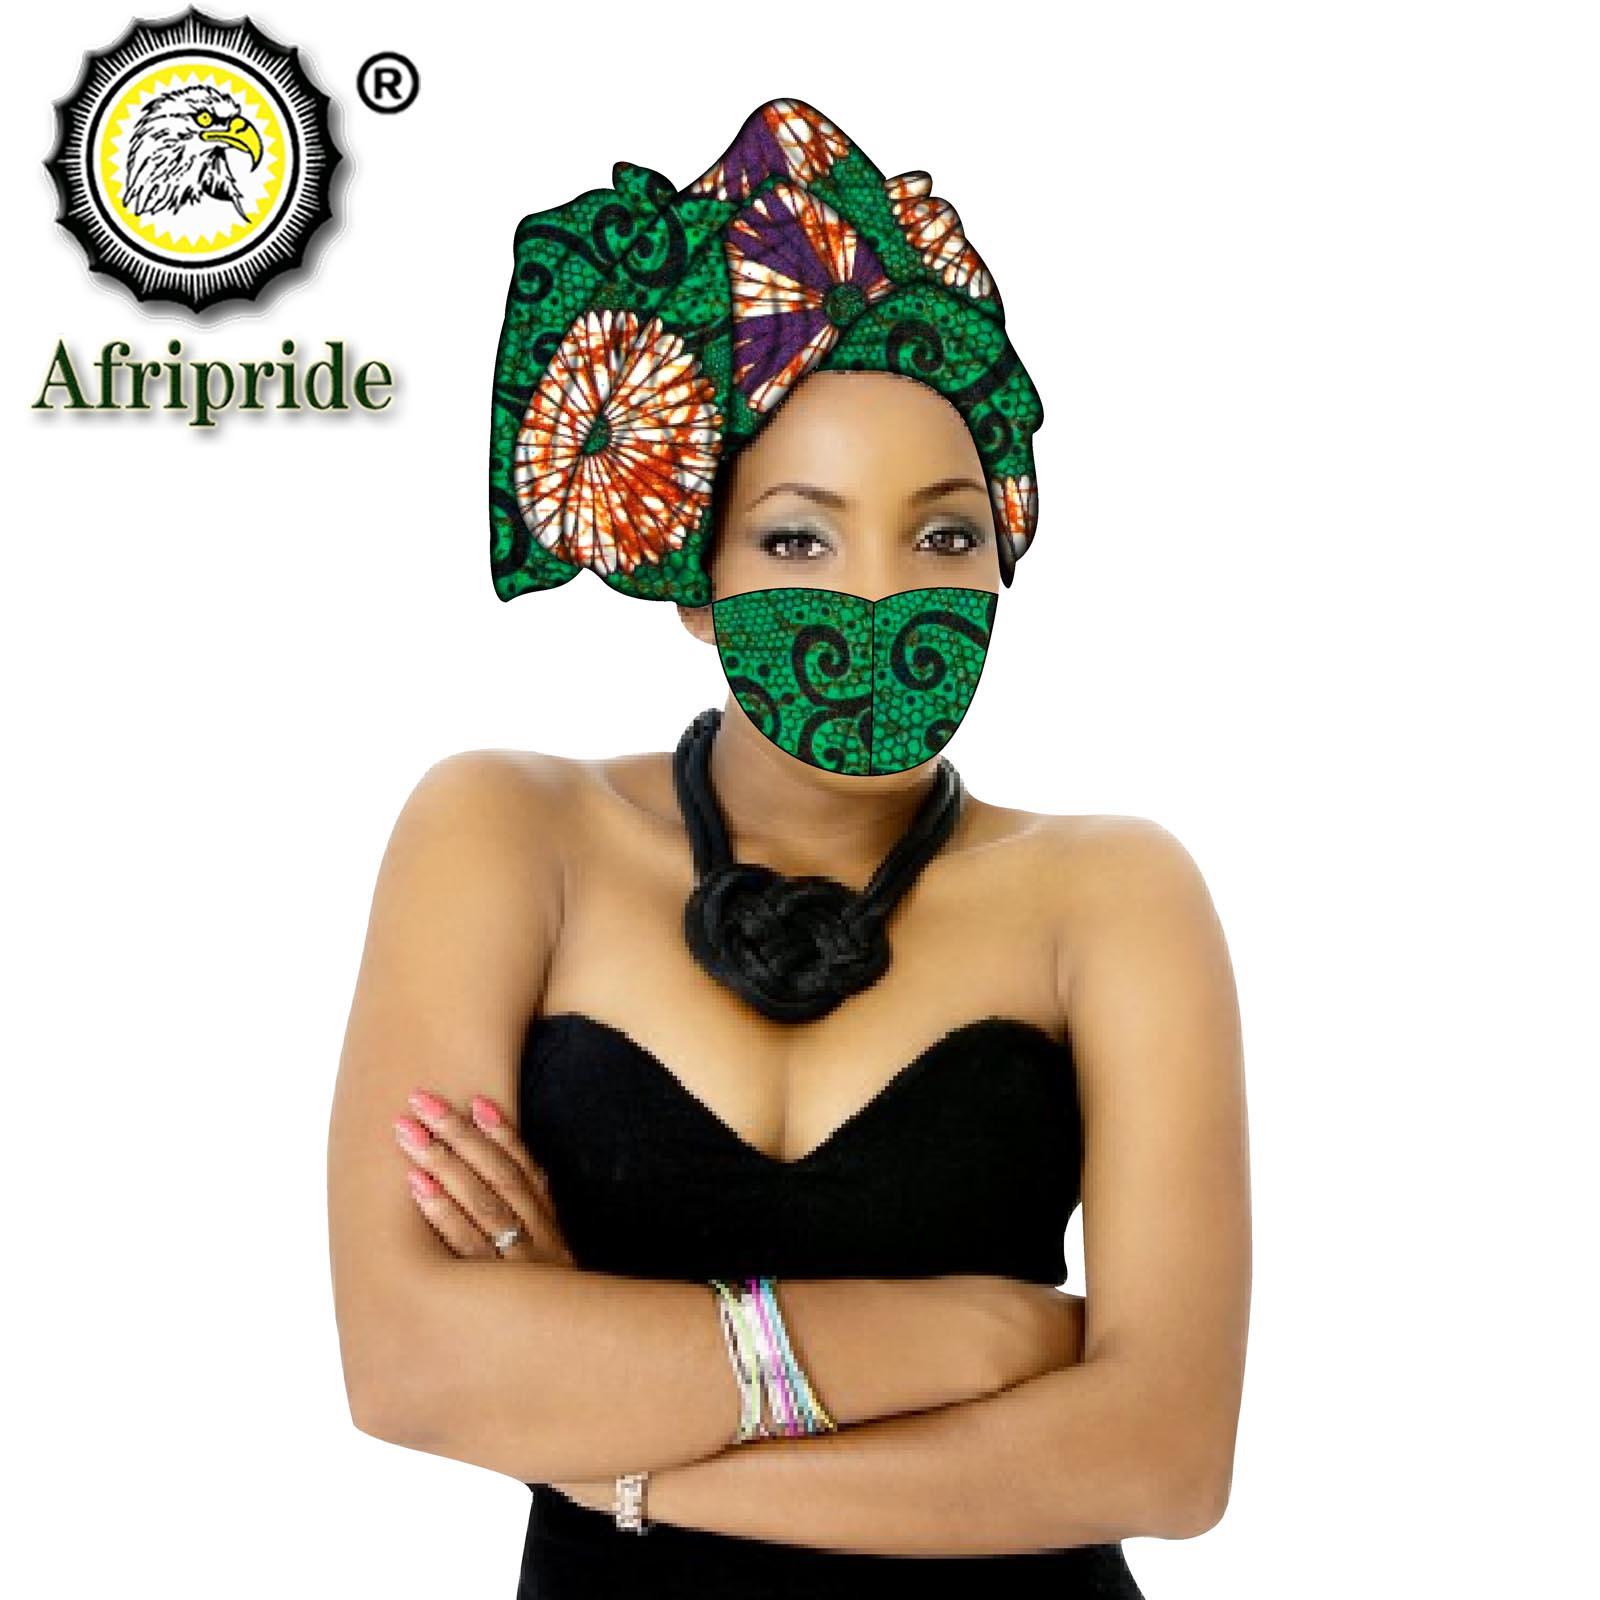 وشاح افريقي نسائي اكسسوار للشعر ، عمامة ، اكسسوارات شعر ، قبعة ، طباعة مطابقة ، S20H020